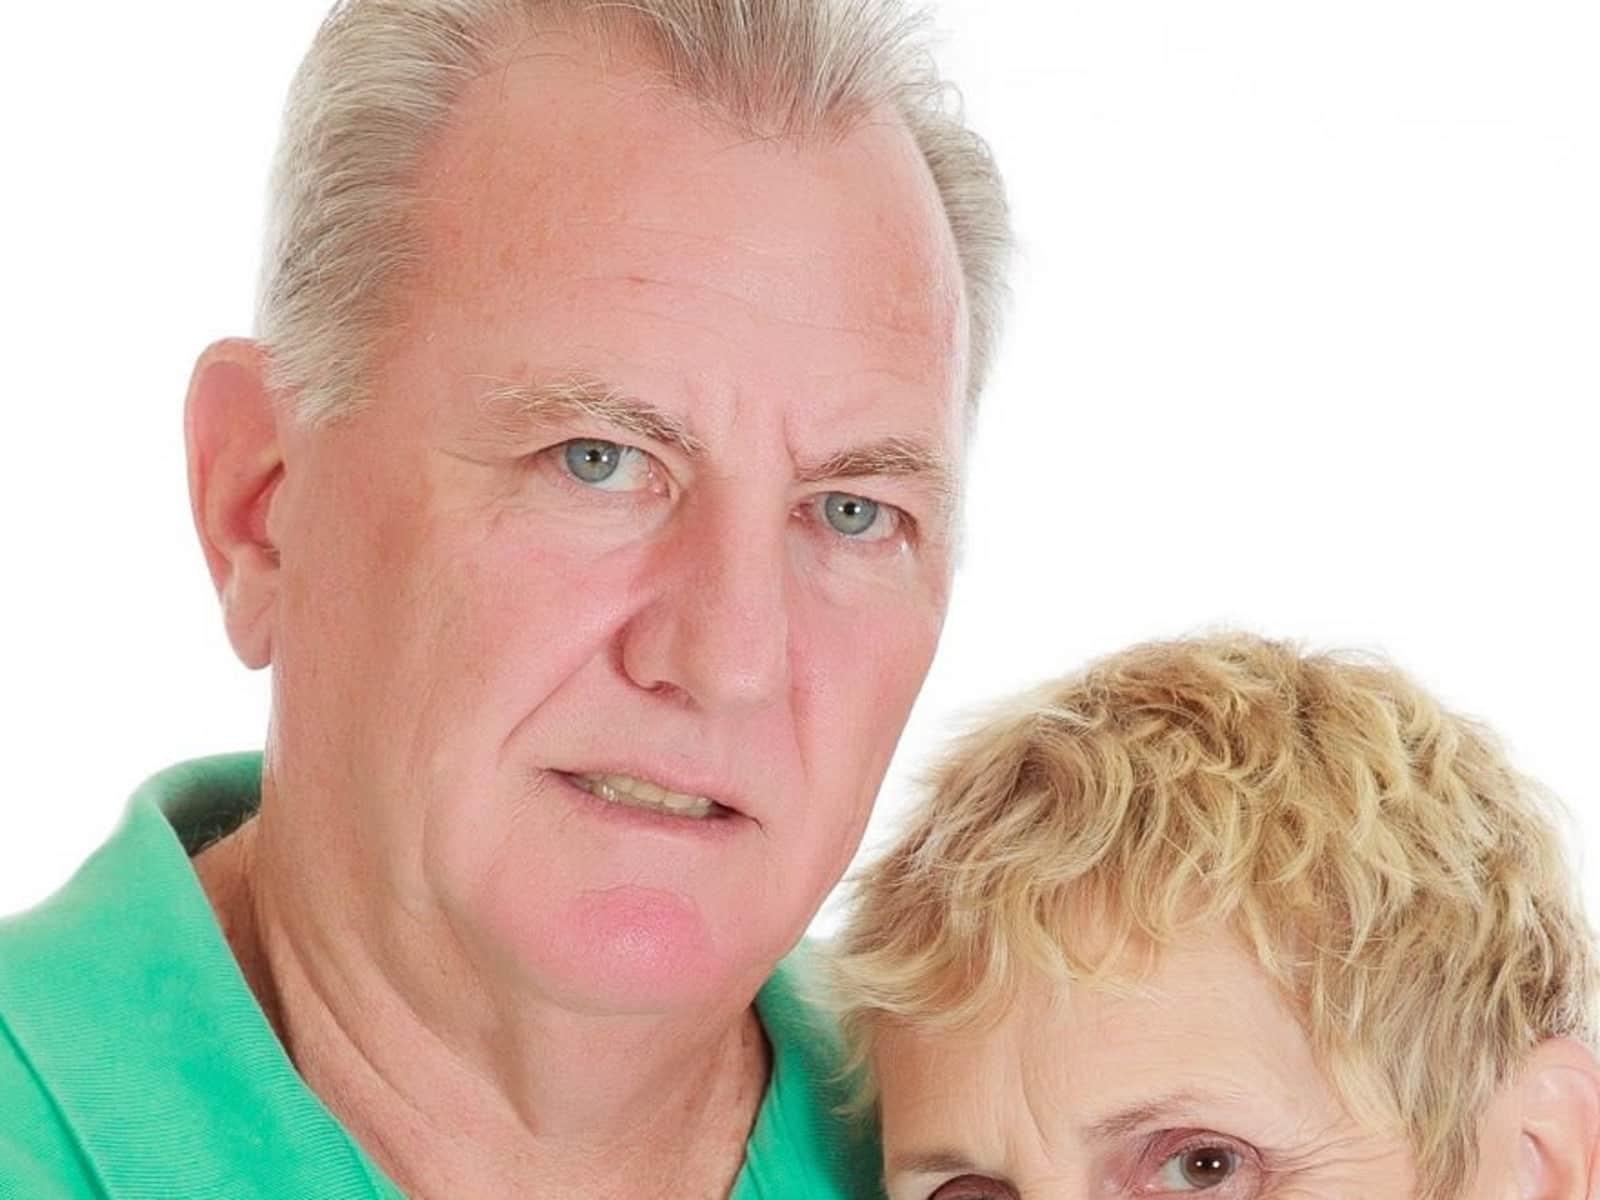 Linda & John from Punta Gorda, Florida, United States